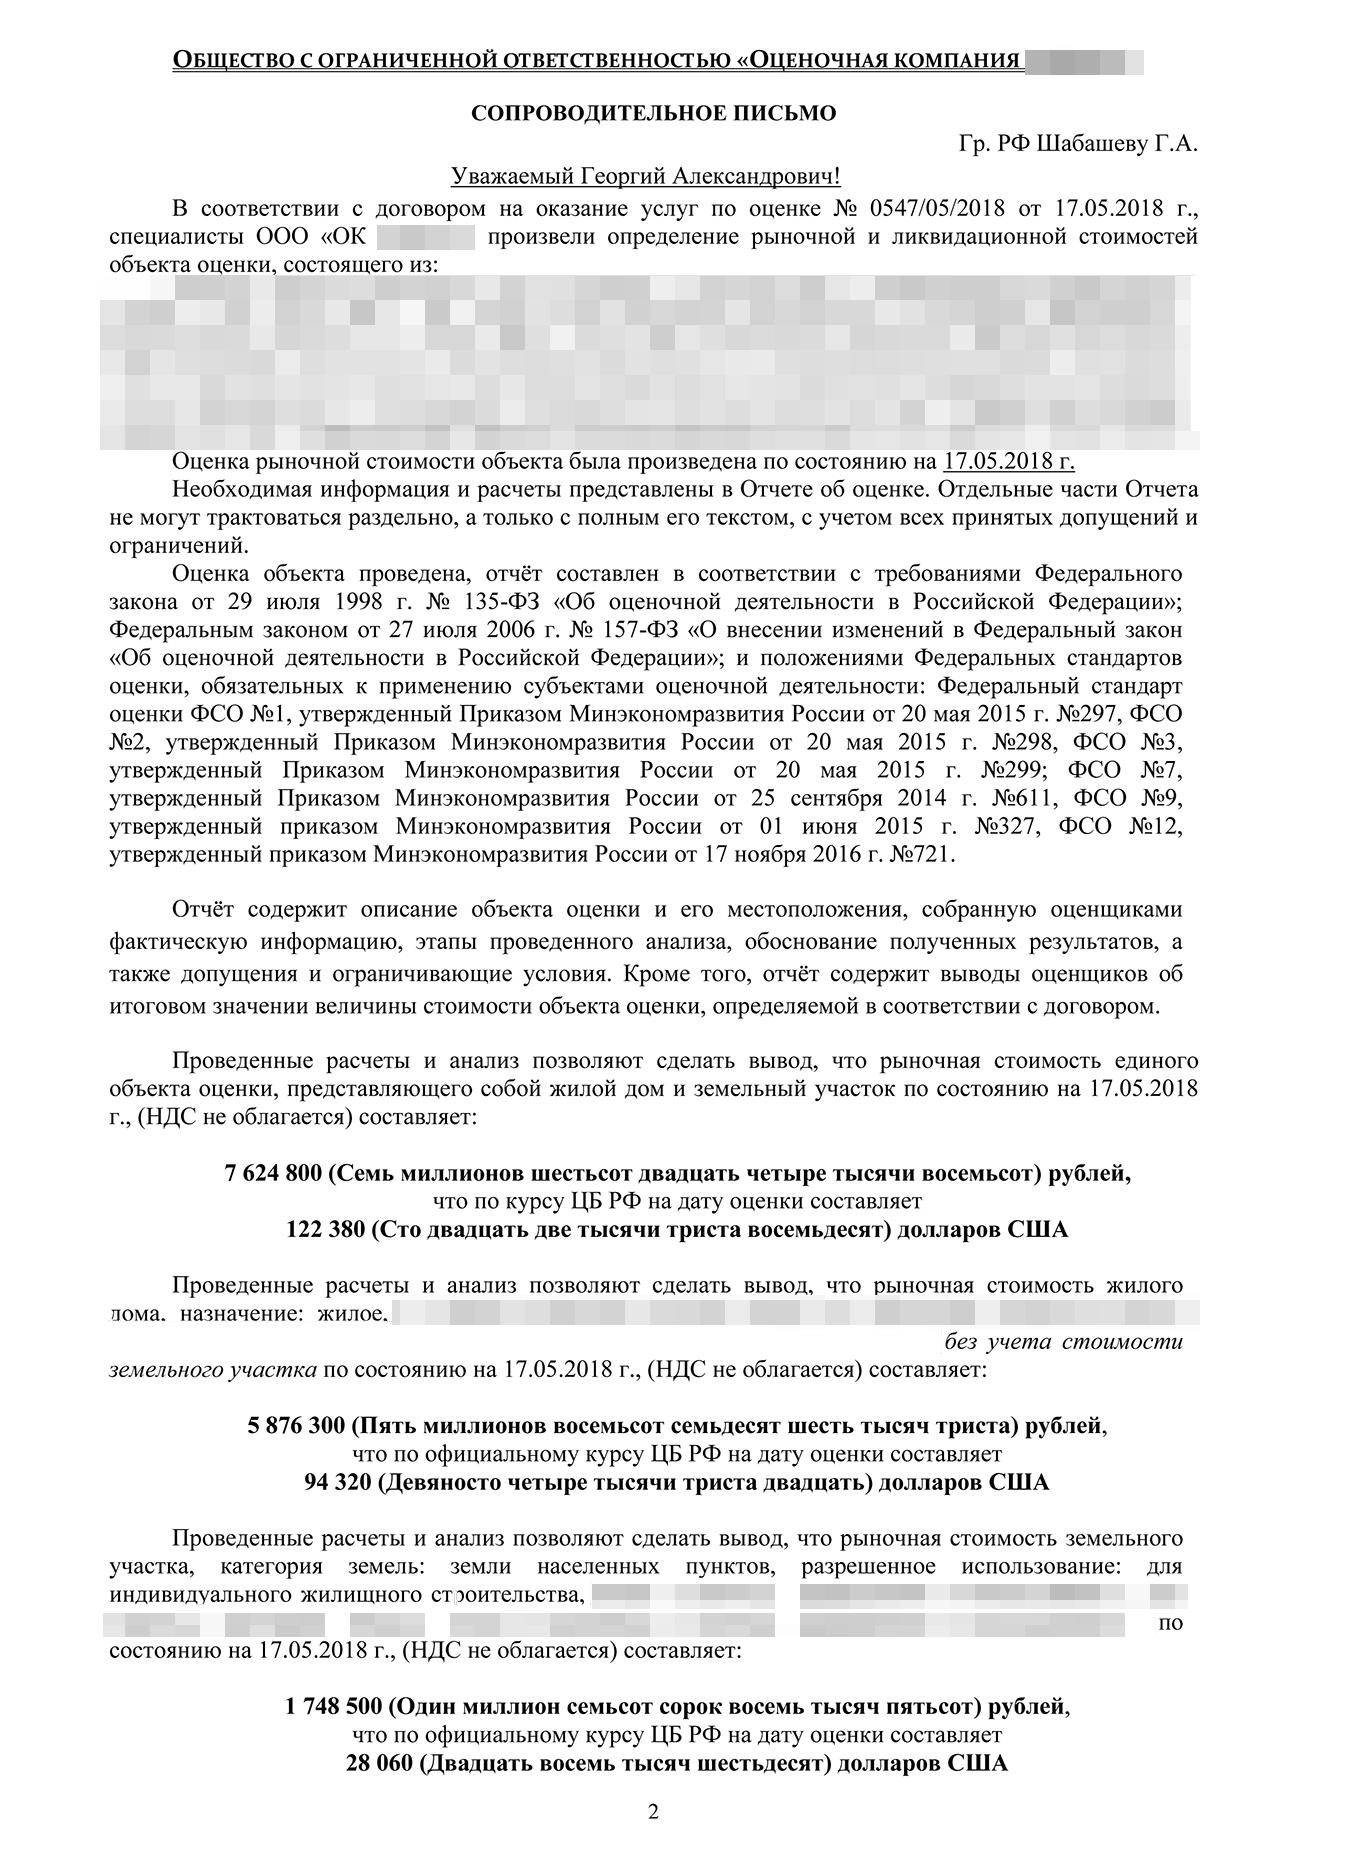 Как оформляется ипотека на земельный участок